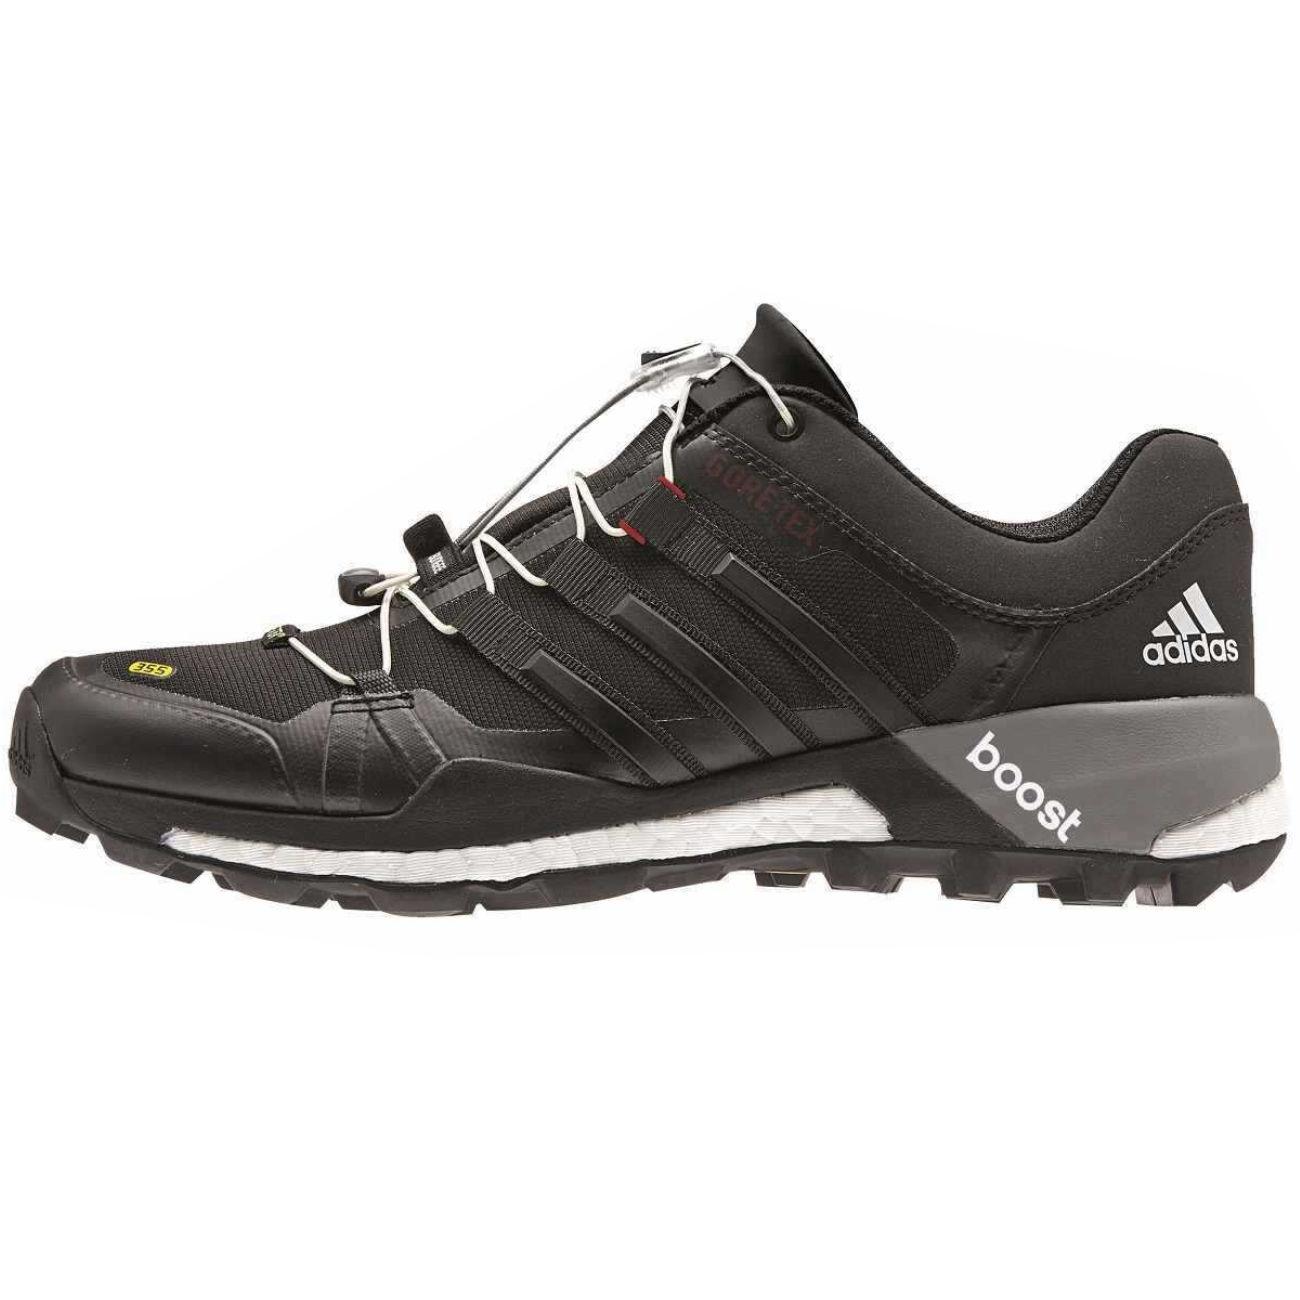 Adidas Outdoor Terrex Agravic Gtx Shoe